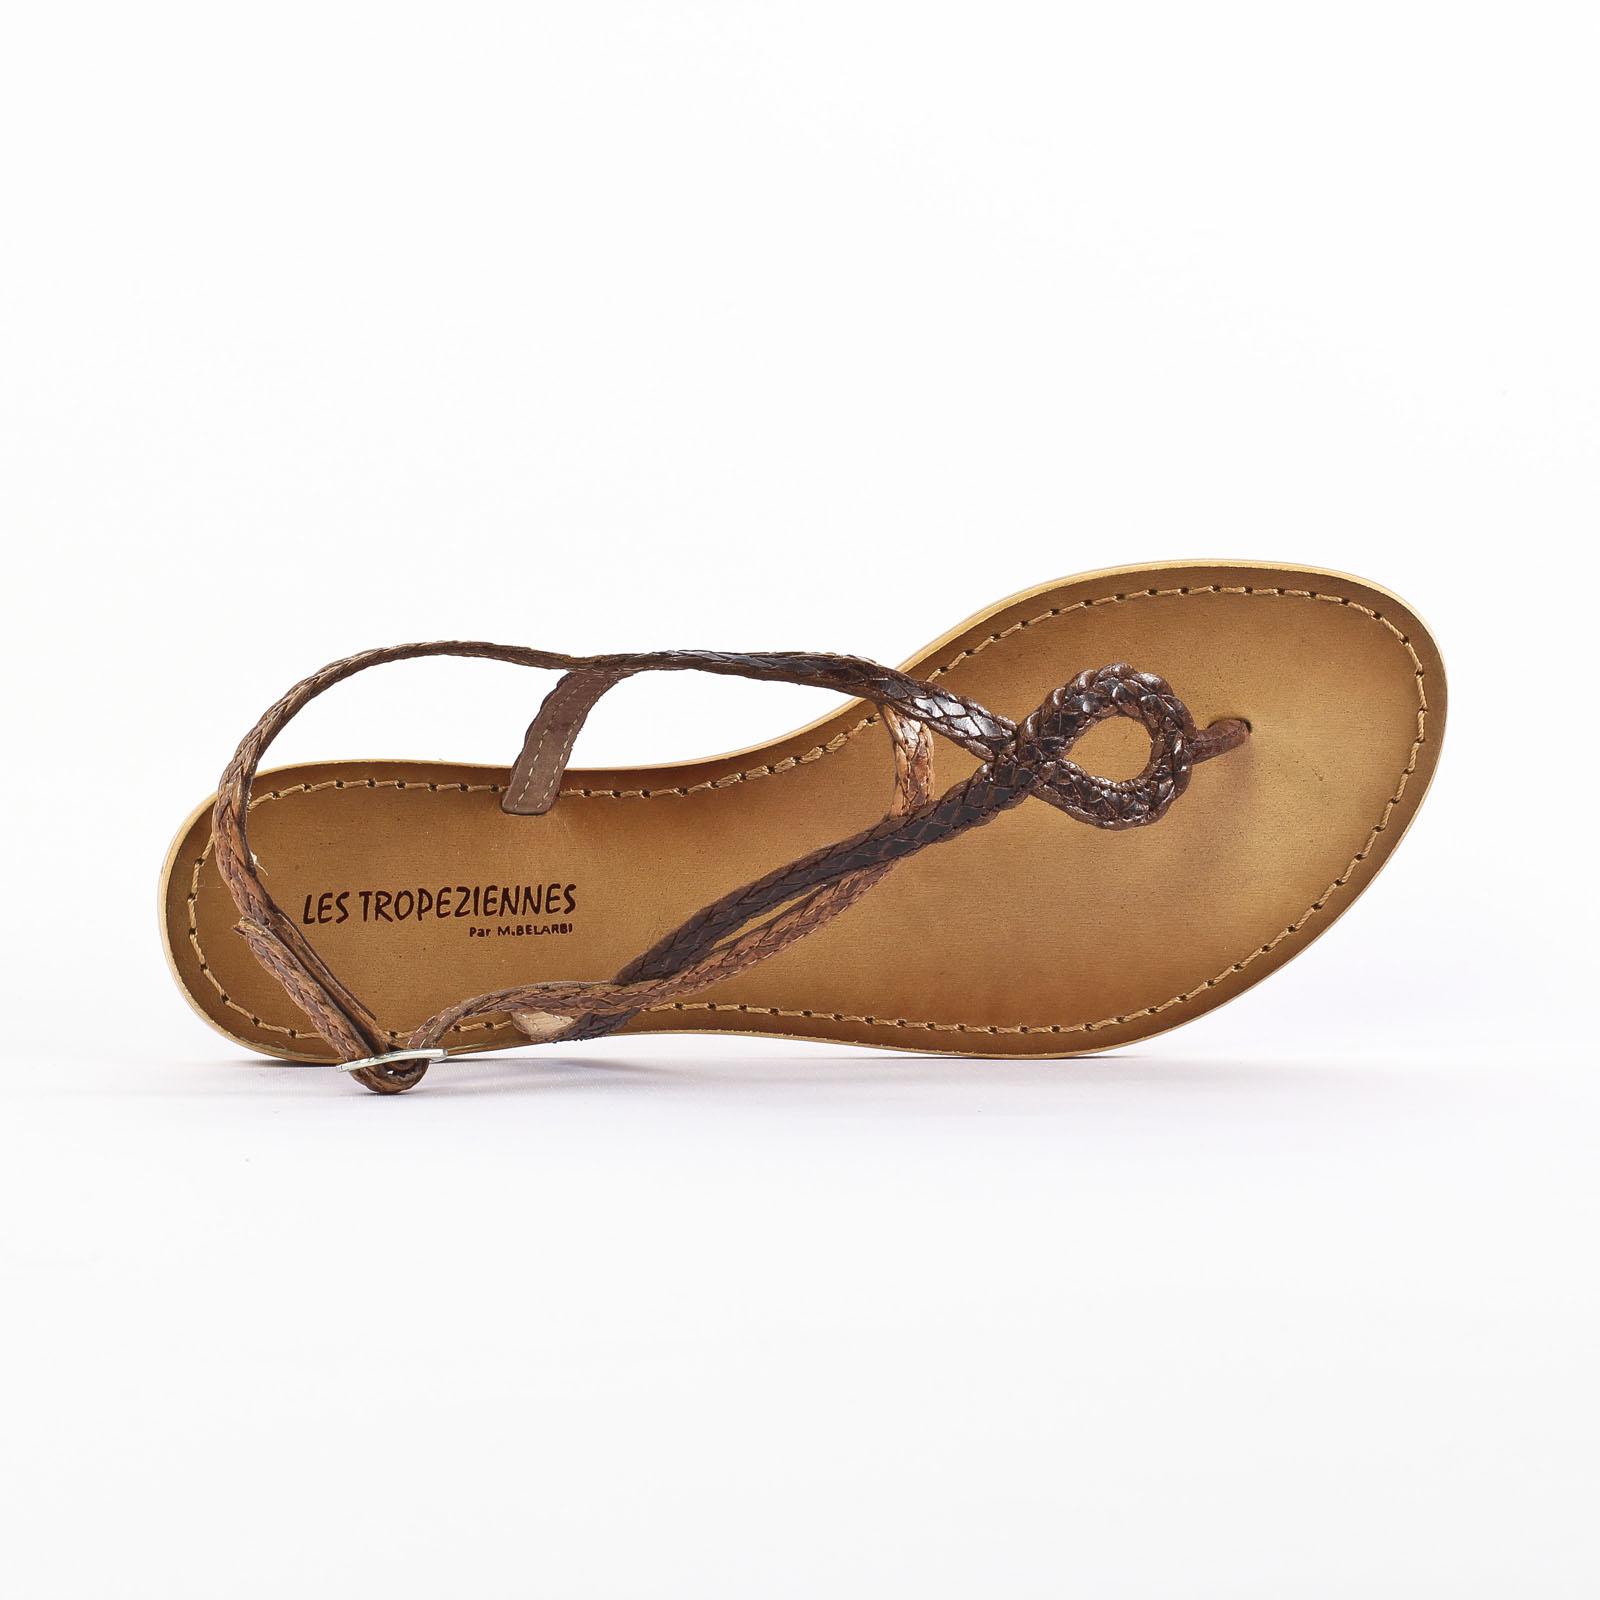 les tropeziennes health marron sandales marron printemps t chez trois par 3. Black Bedroom Furniture Sets. Home Design Ideas